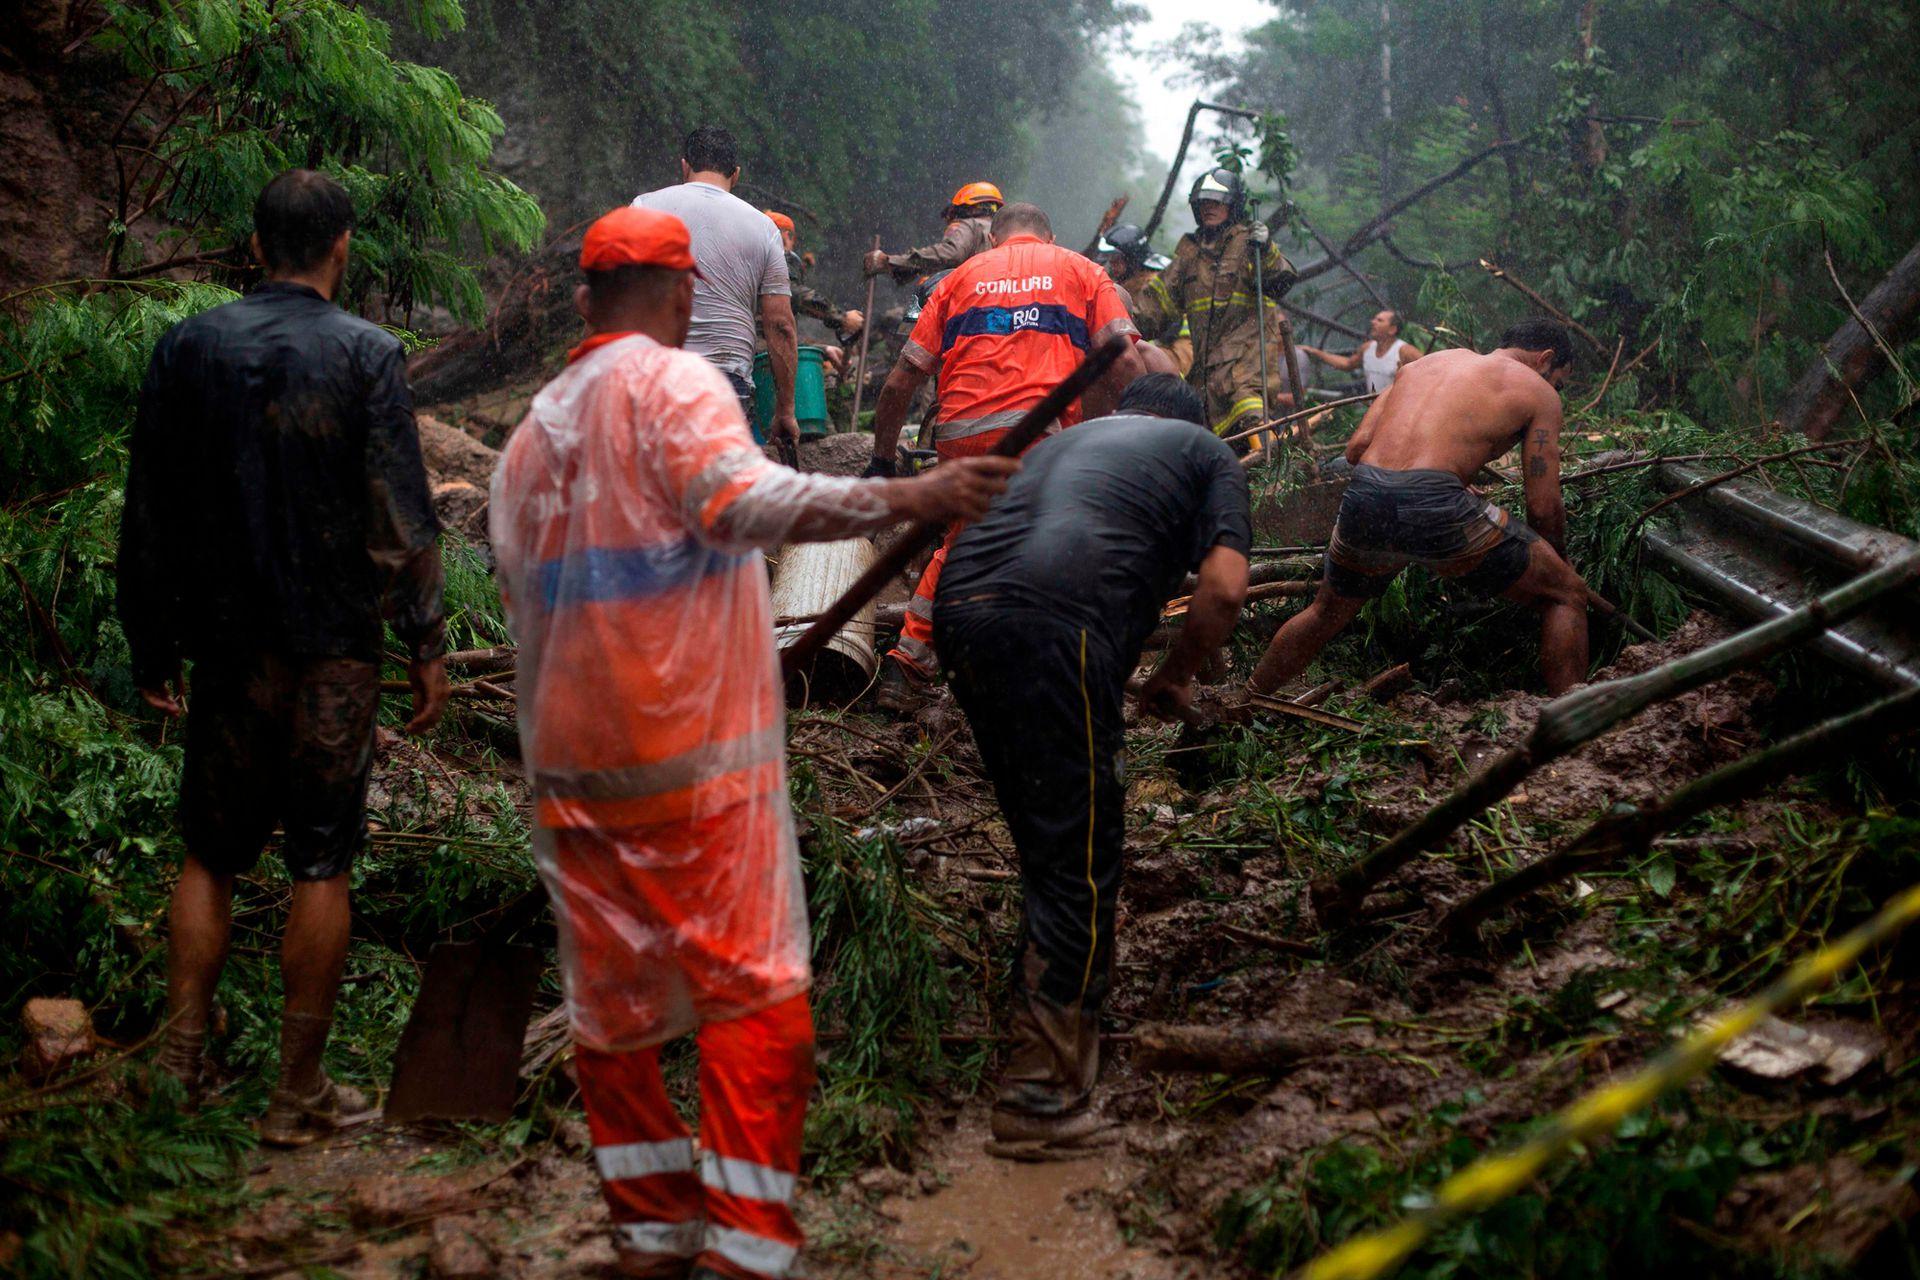 Bomberos, trabajadores municipales, oficiales de policía y voluntarios participan en una operación de rescate después de un deslizamiento de tierra